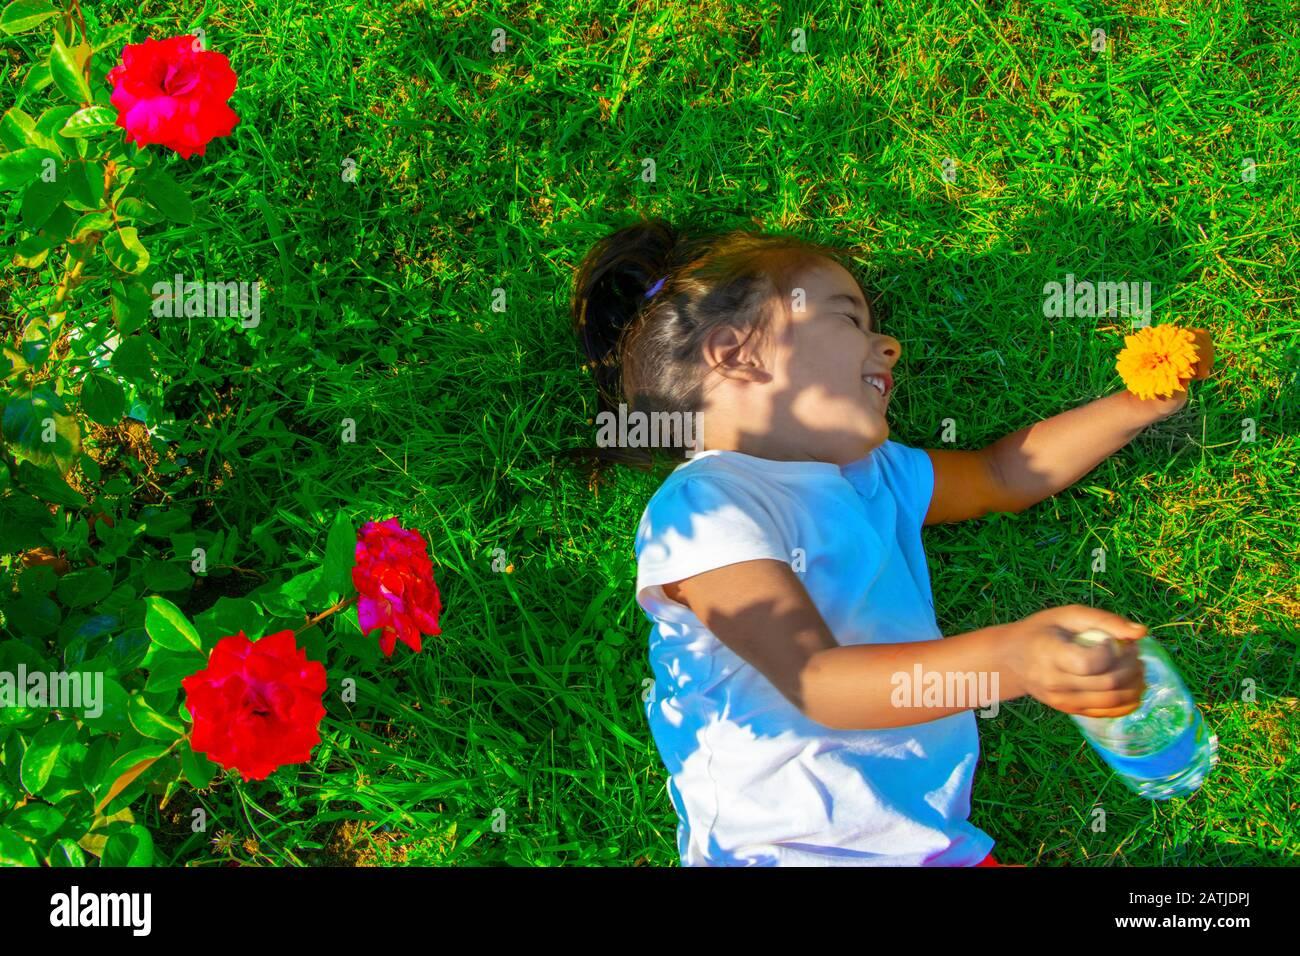 Bonne petite fille sur l'herbe Banque D'Images